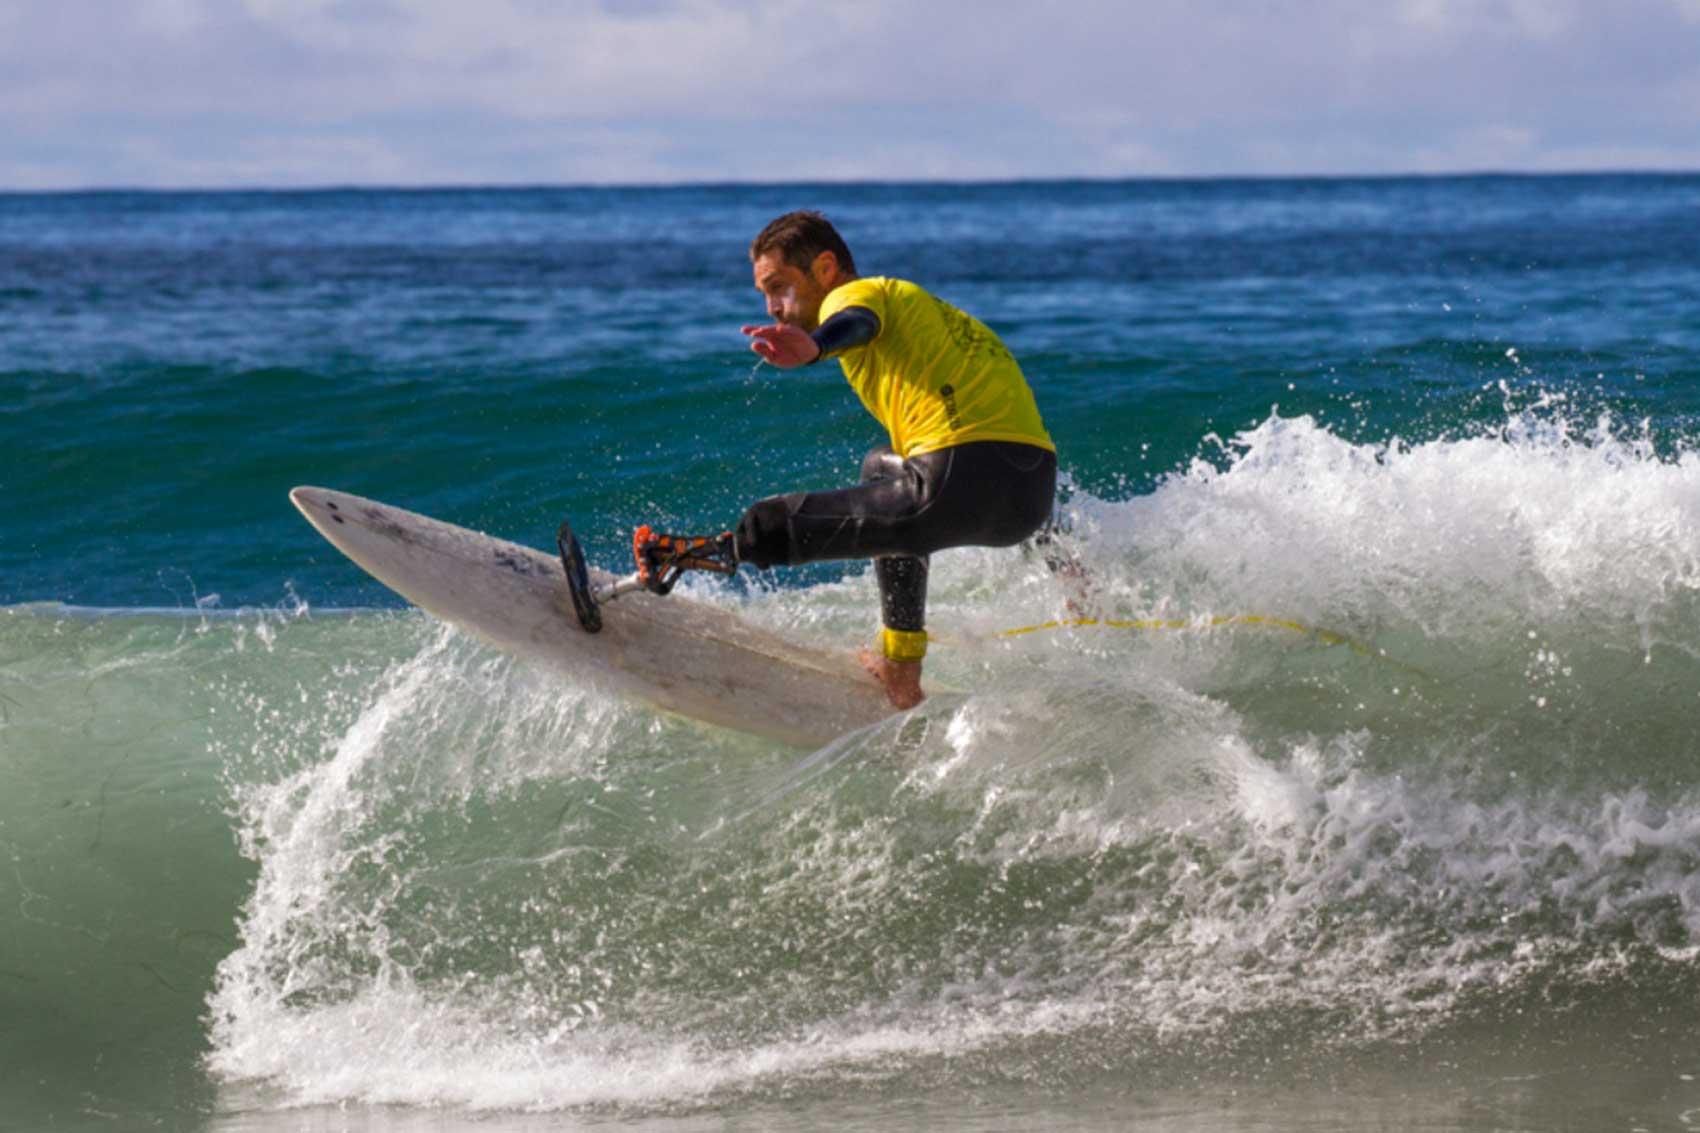 Eric dargent surfeur de haut niveau, conférencier sportif sur la diversité et le handicap en entreprise, au sein de l'équipe WeChamp, conférencier semaine du handicap